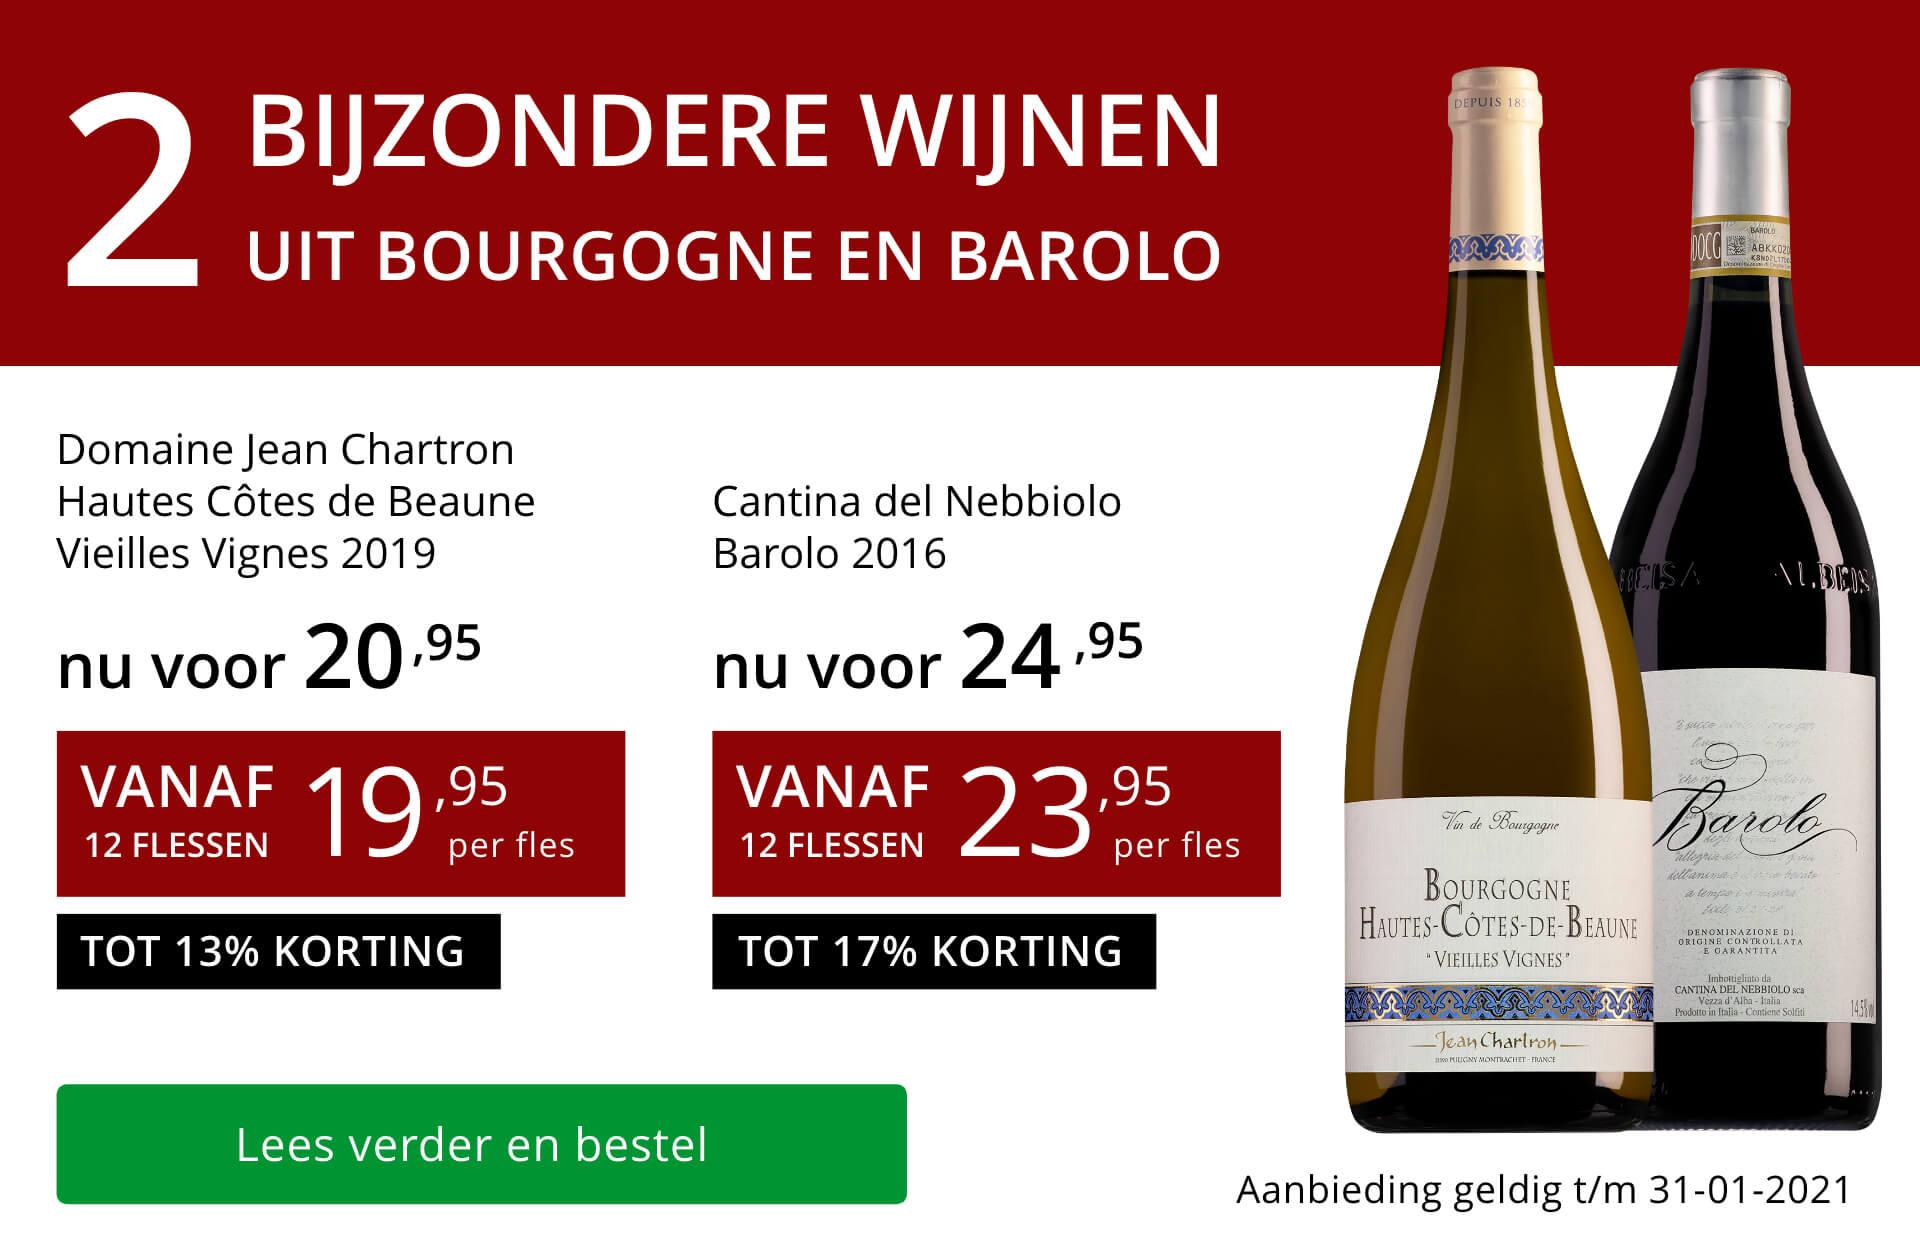 Twee bijzondere wijnen januari 2021 - rood